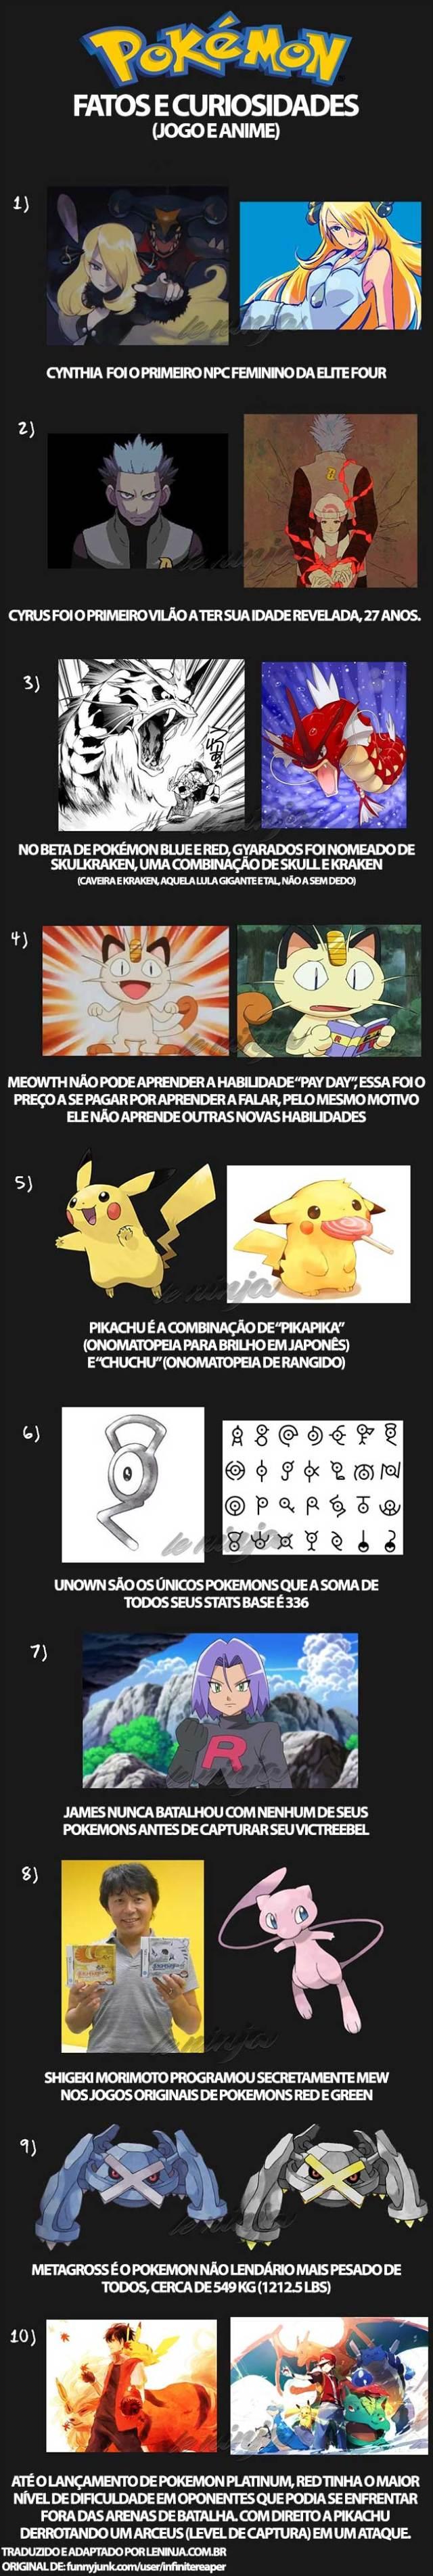 curiosidades-sobre-pokemon